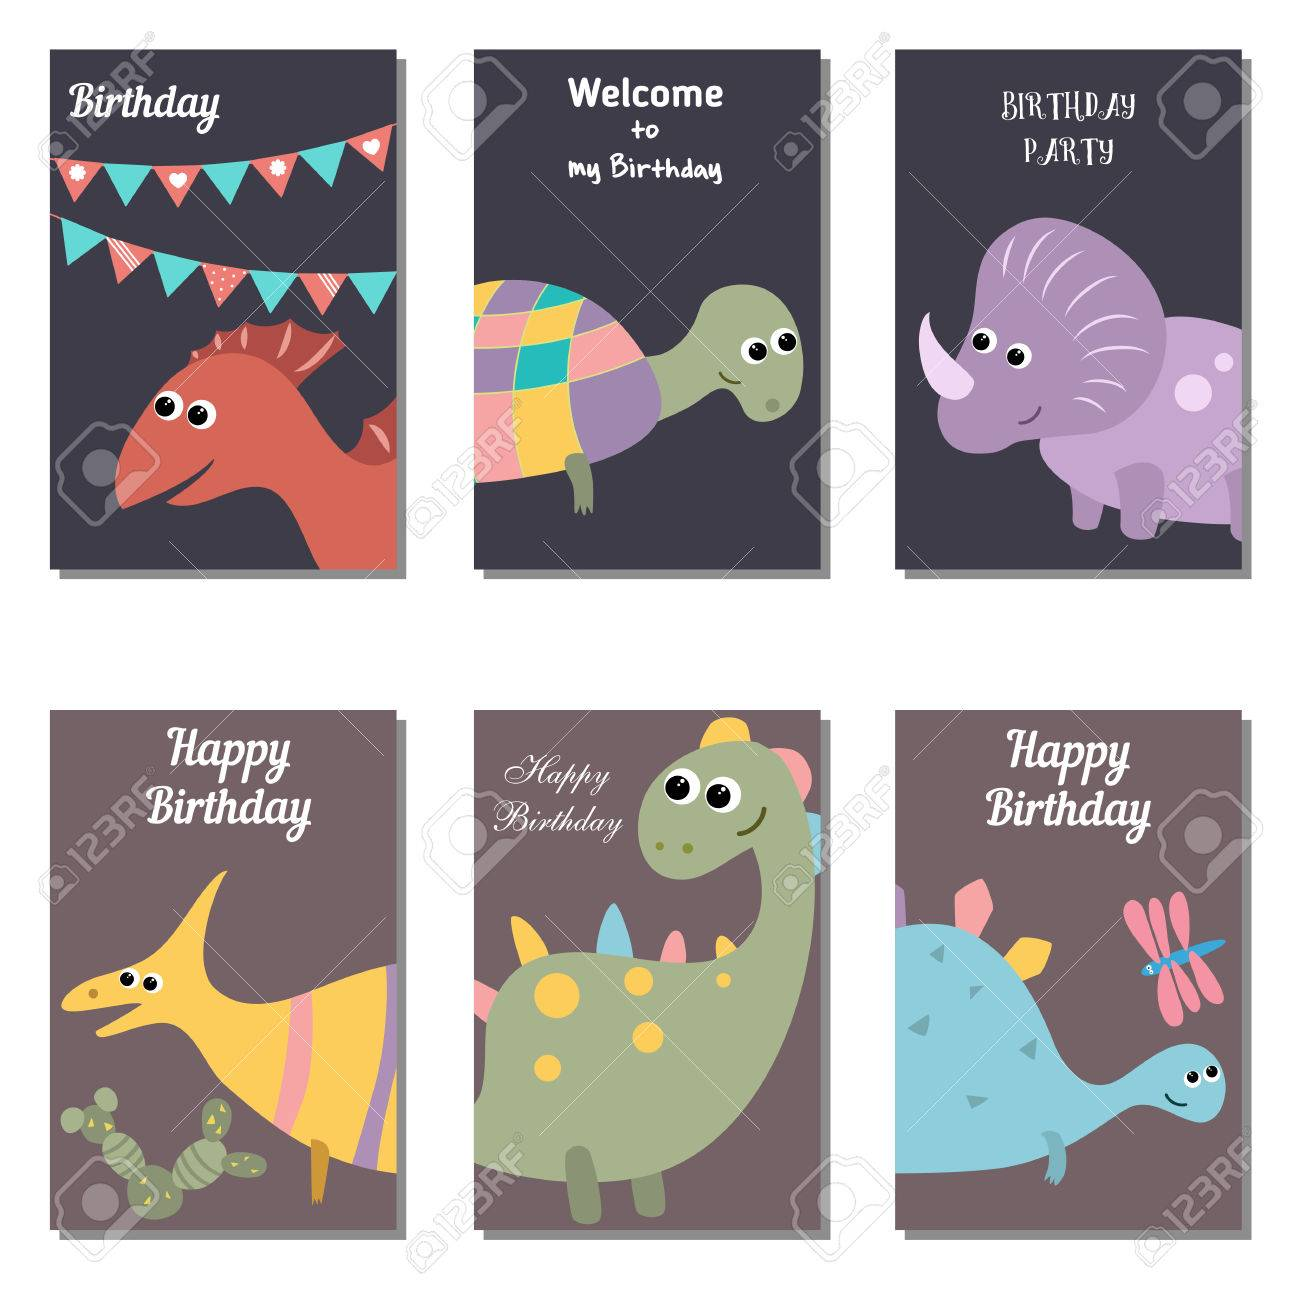 Conjunto De Hermosas Tarjetas De Invitación De Cumpleaños Decorado Con Los Dinosaurios Lindos De La Historieta